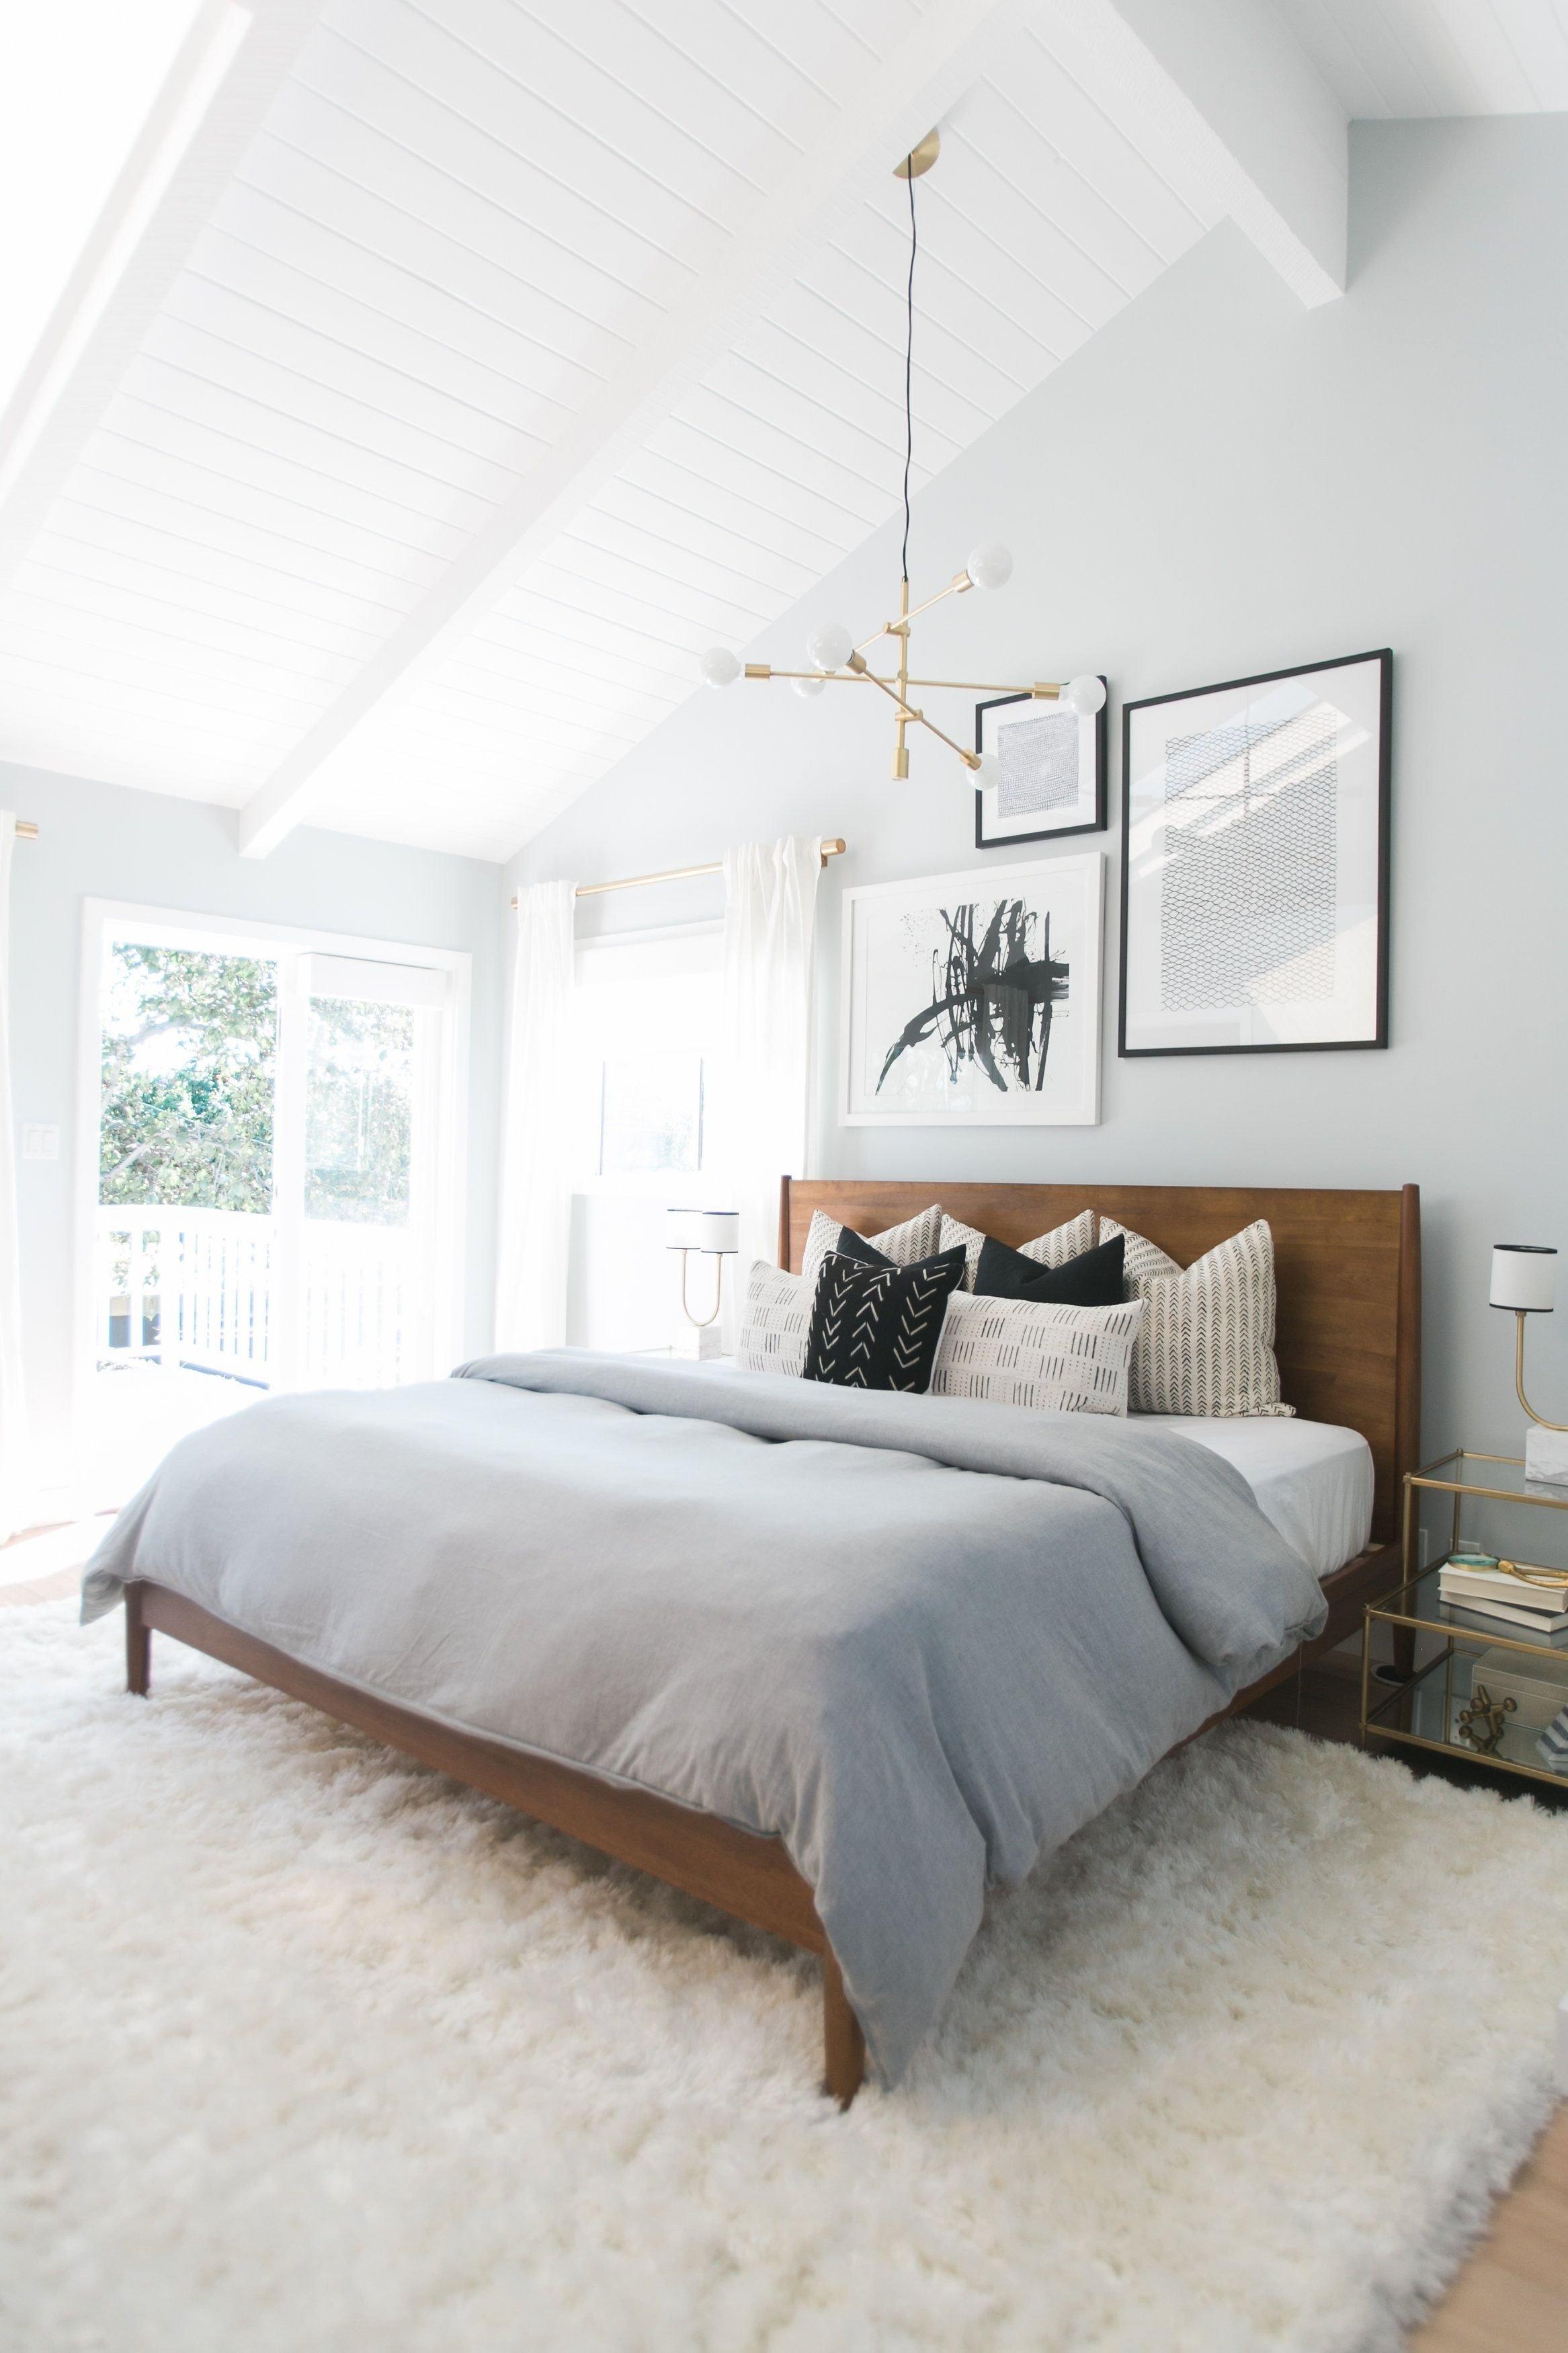 Chambre classique blanc noir dor gris bois parquet textile laiton budget d co style classique - Deco chambre dore ...